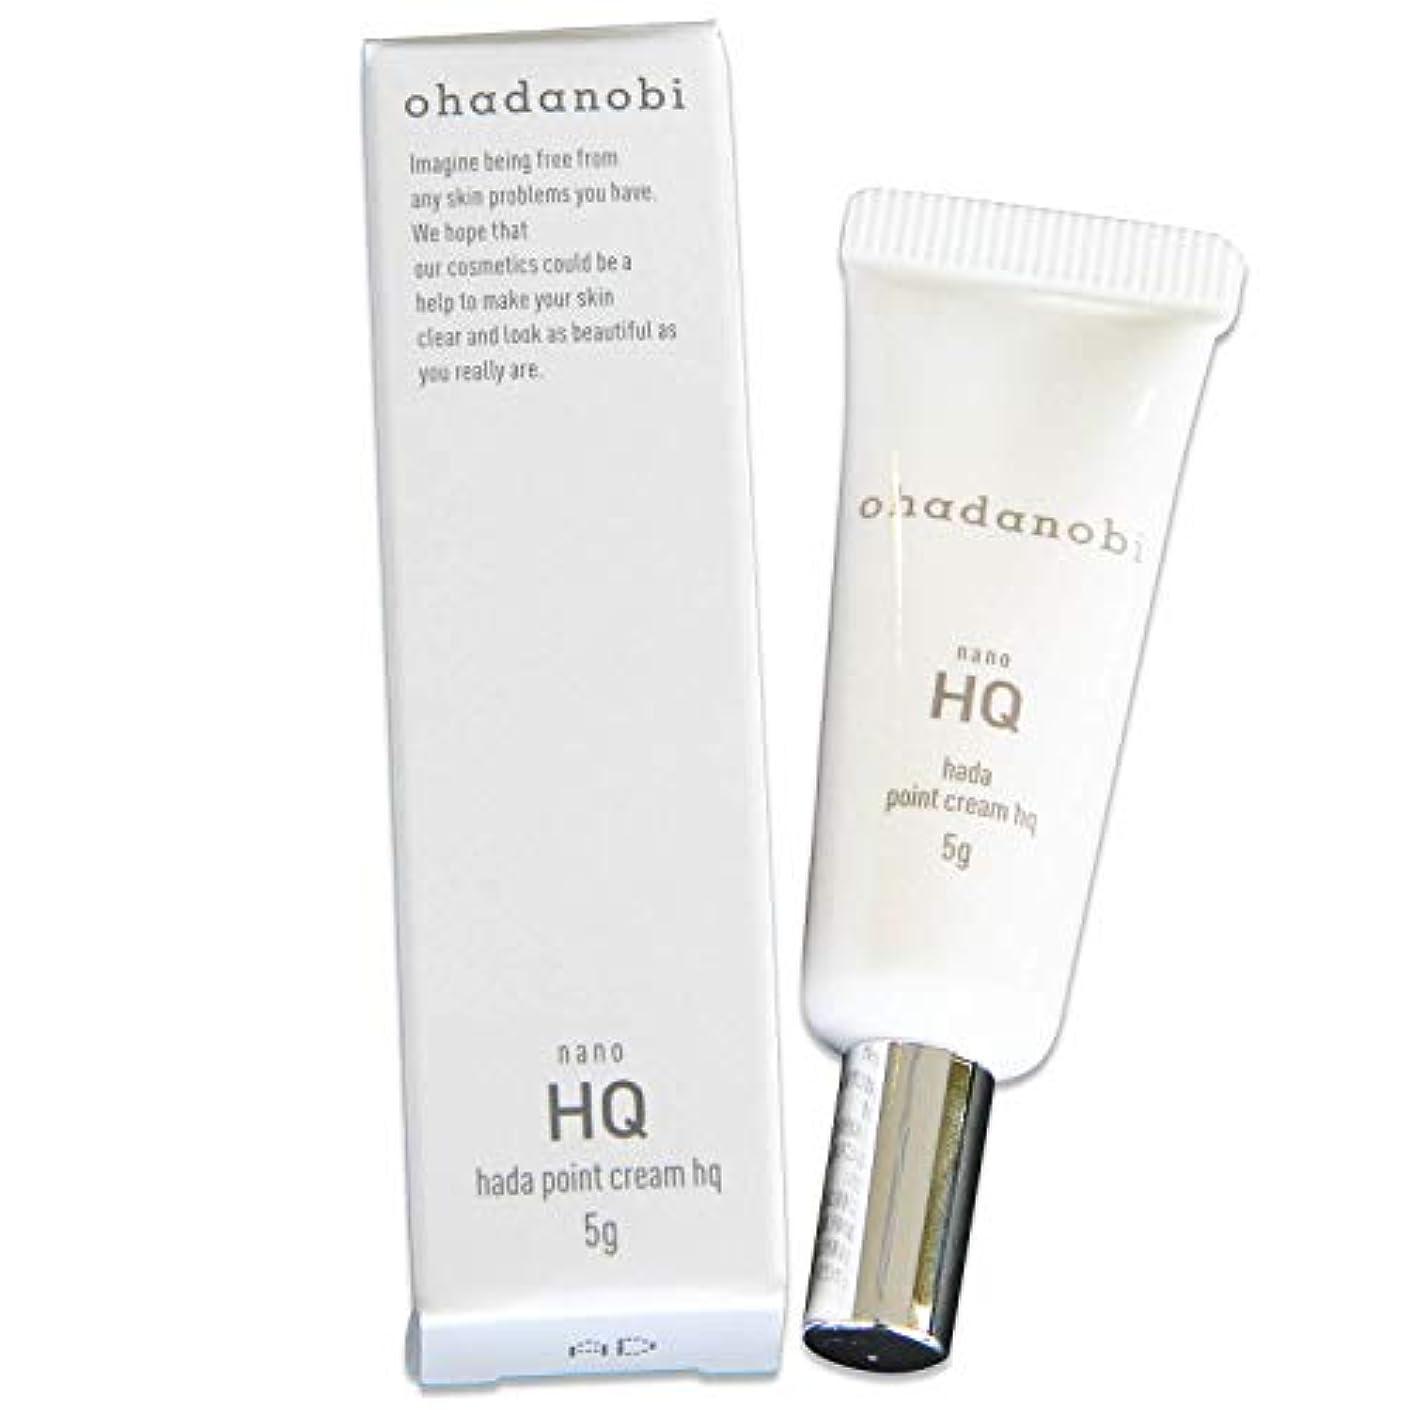 ルーセッション対象純 ハイドロキノン 4% 配合 日本製 ハダポイントクリームHQ オハダノビ